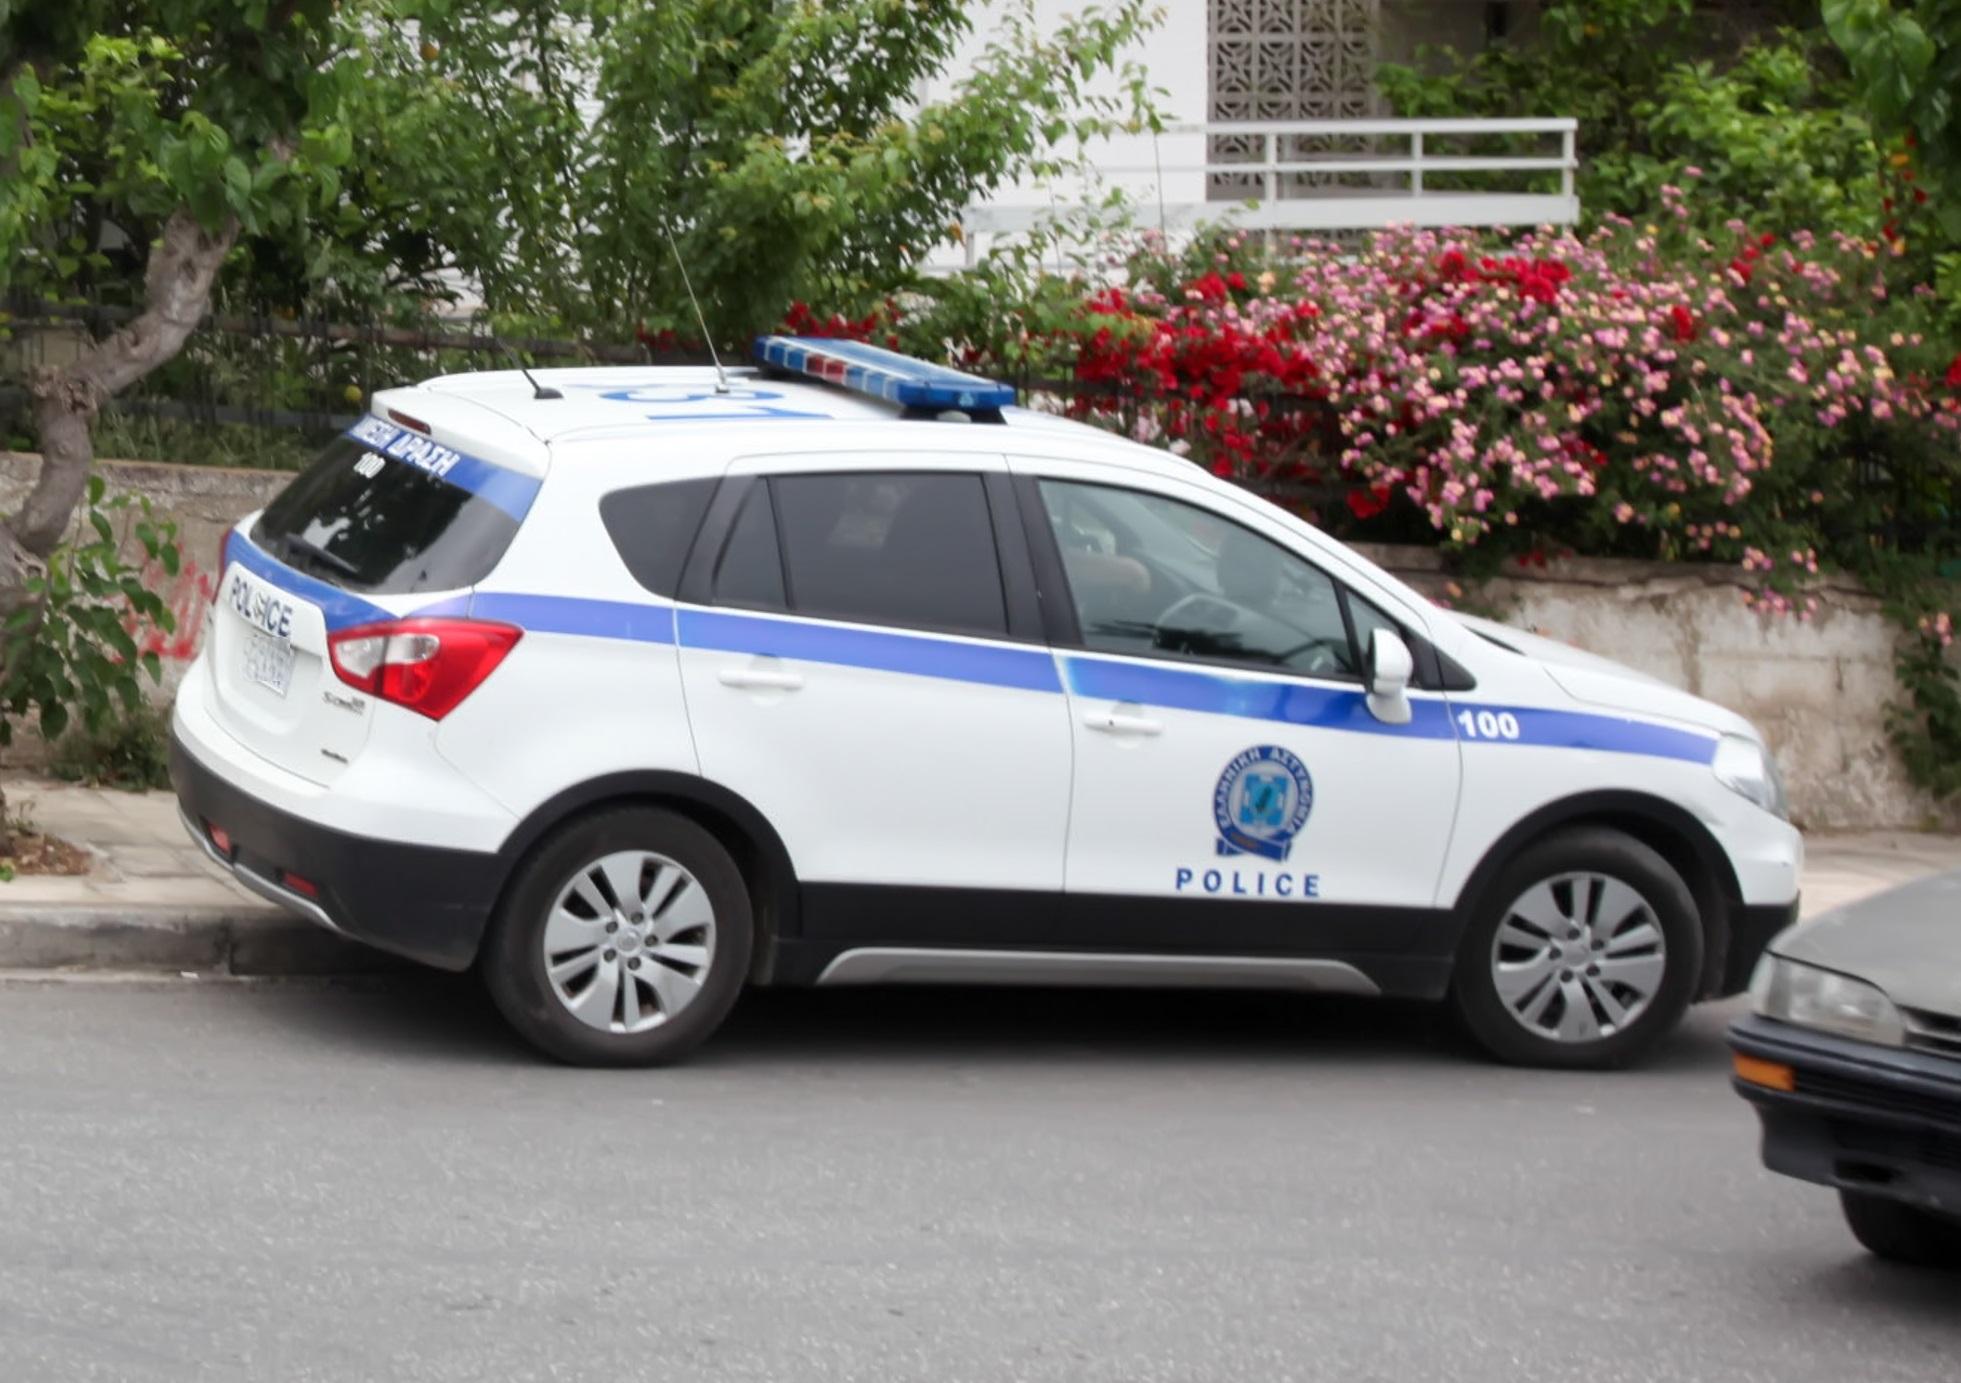 Κηφισιά: Προσποιήθηκαν ότι είναι αστυνομικοί και ξάφρισαν επιχειρηματία μέσα στο σπίτι του – Τρεις συλλήψεις